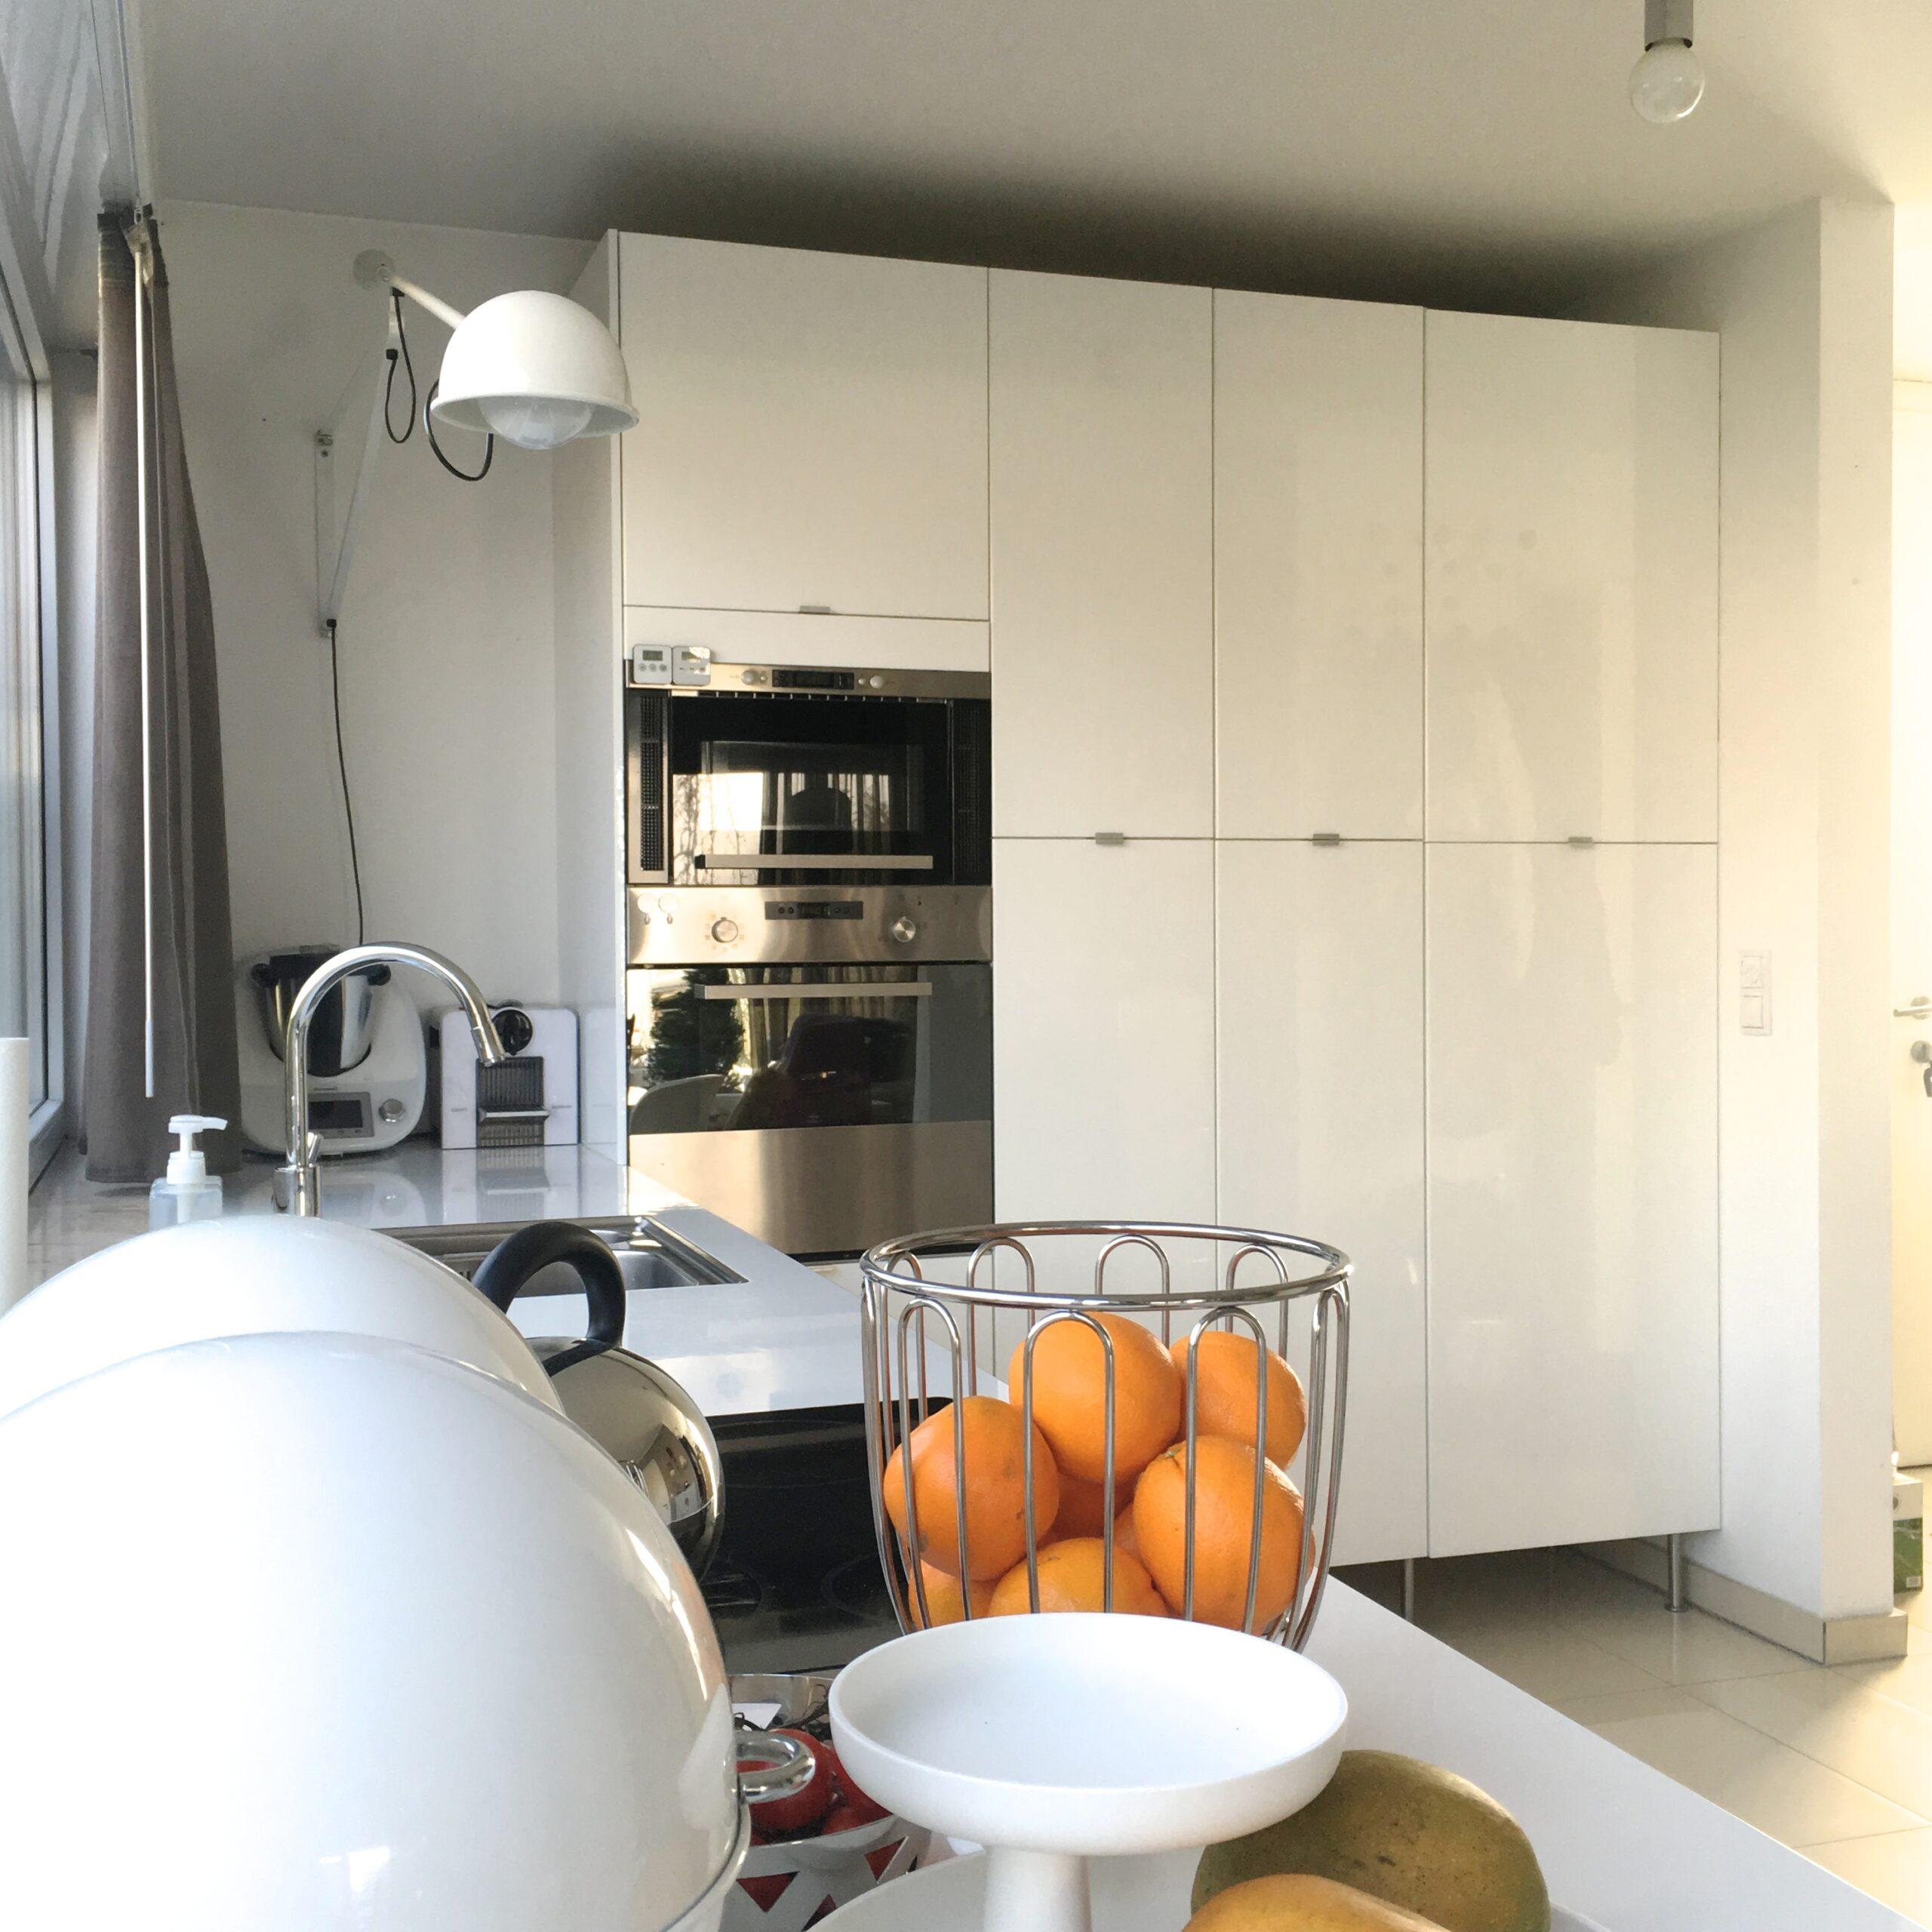 Full Size of Ikea Küchenzeile Küche Kaufen Betten 160x200 Miniküche Kosten Bei Modulküche Sofa Mit Schlaffunktion Wohnzimmer Ikea Küchenzeile